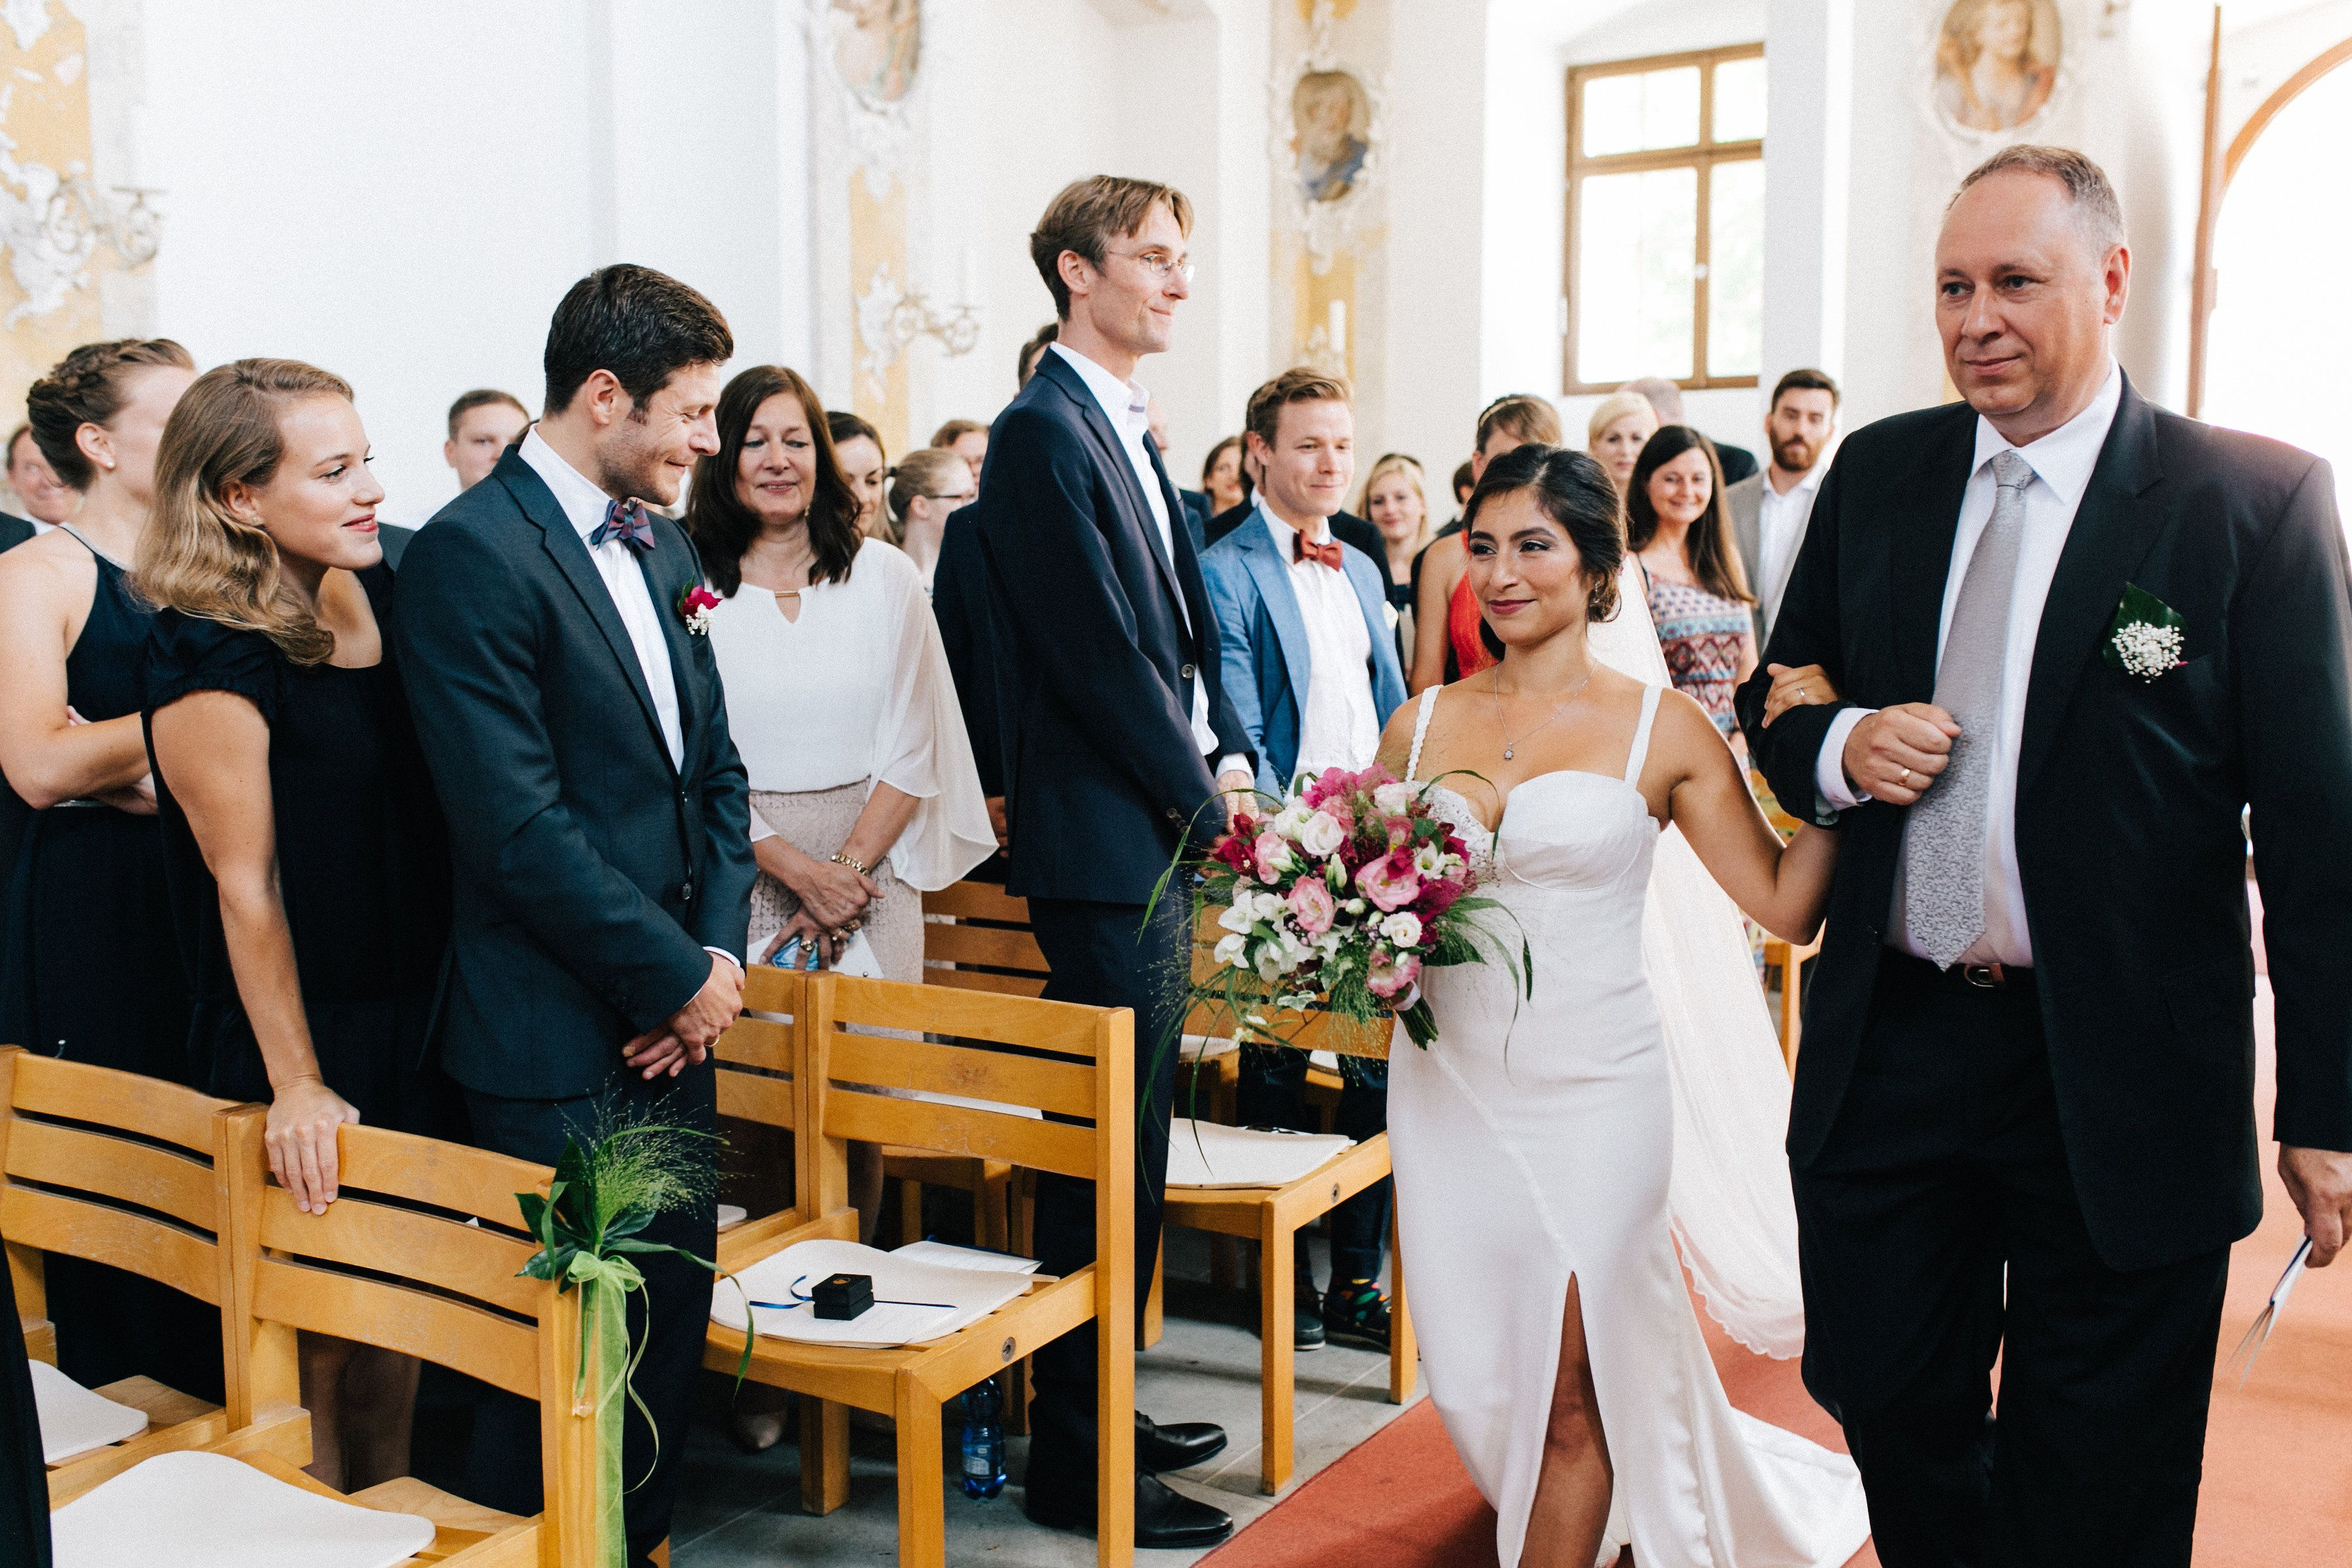 Einzug Braut Hochzeitsreportage Kirchliche Trauung Hochzeit Hochzeitsfotografie Kirchliche Trauung